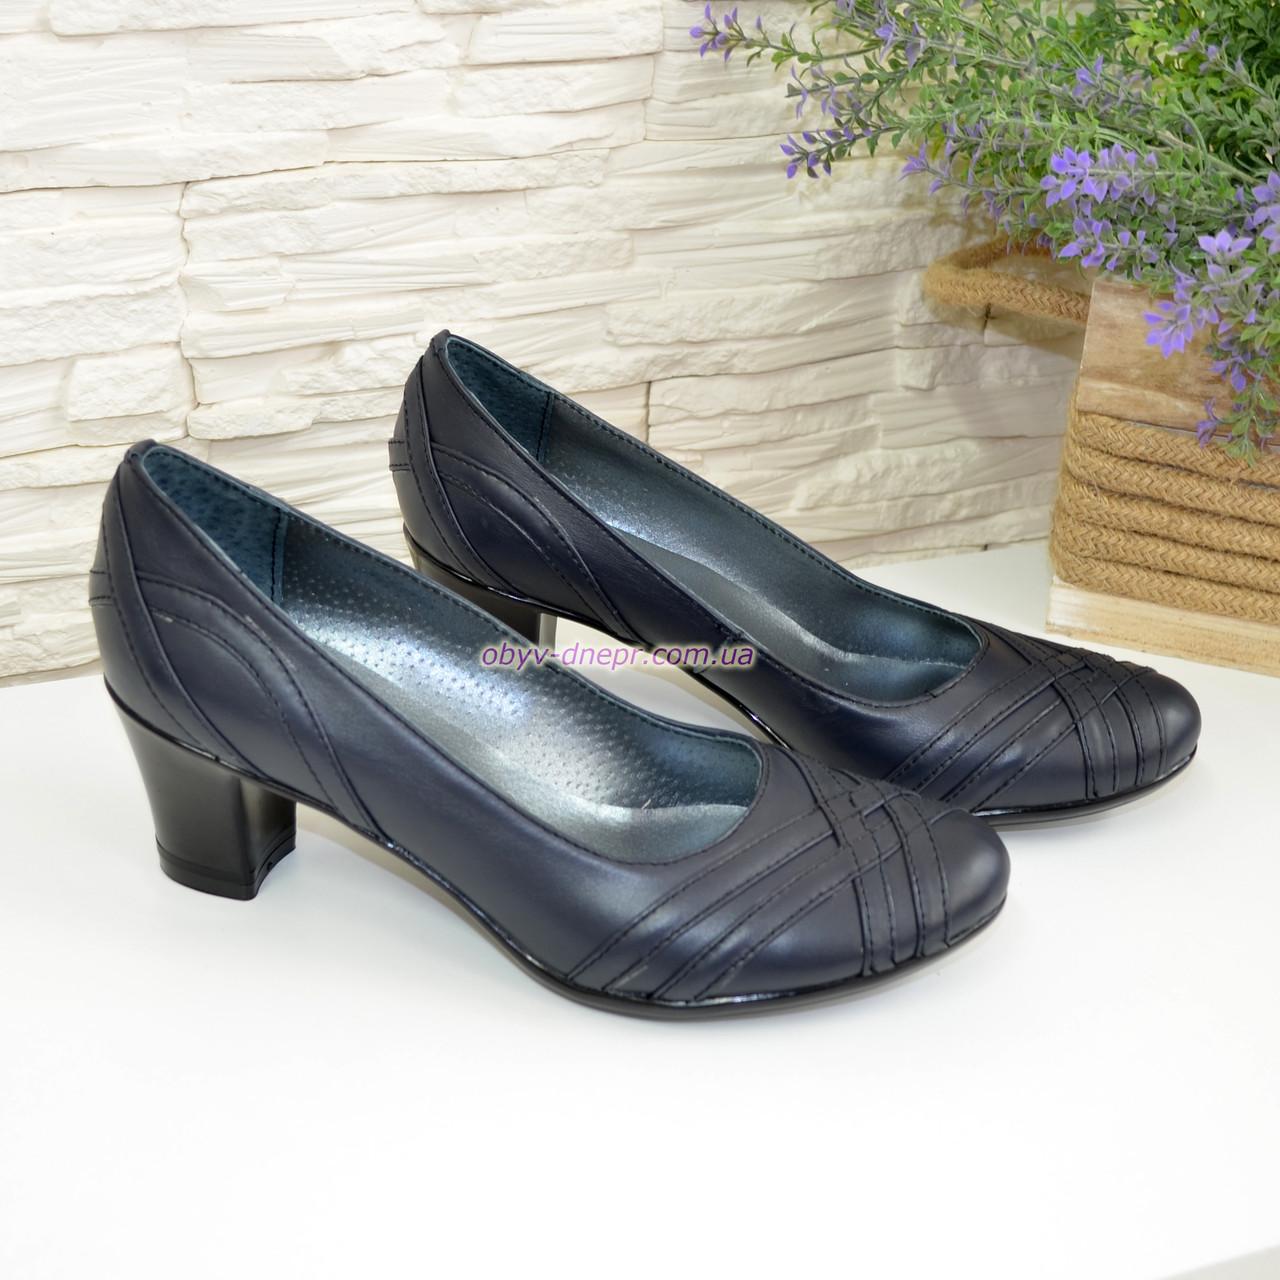 Туфлі жіночі шкіряні на підборах з плетінням, колір синій